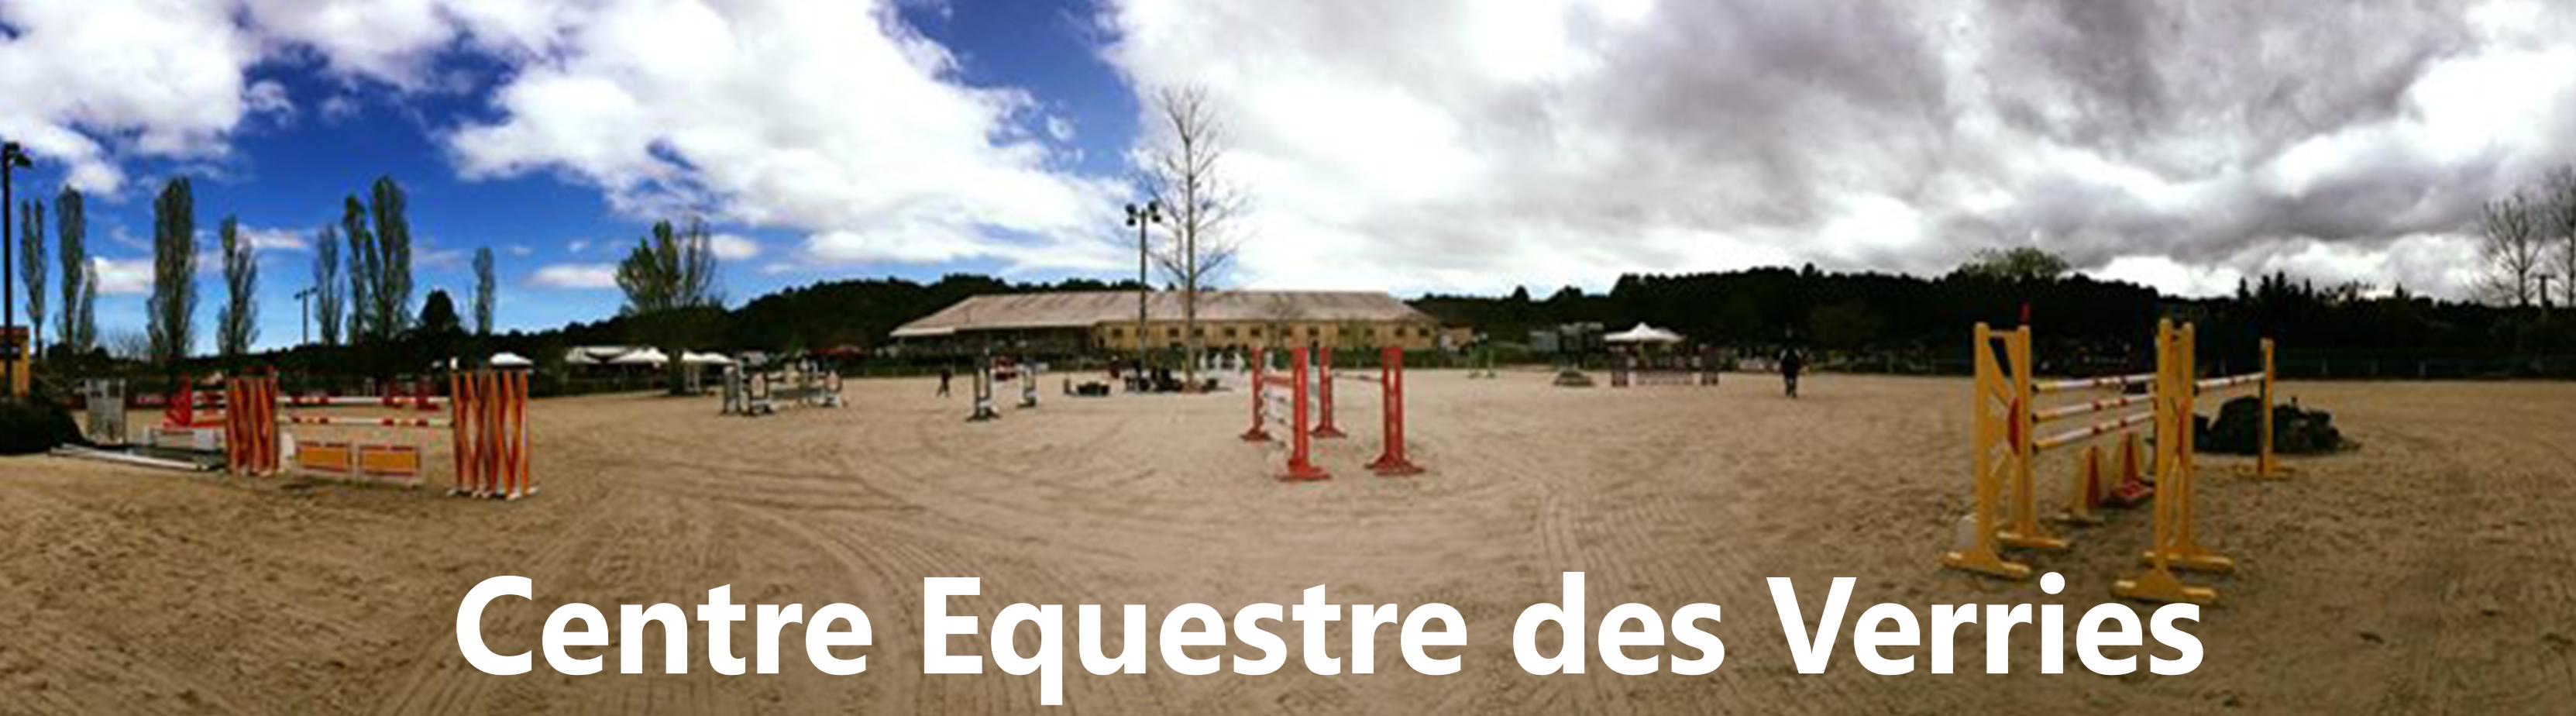 Centre Equestre des Verries